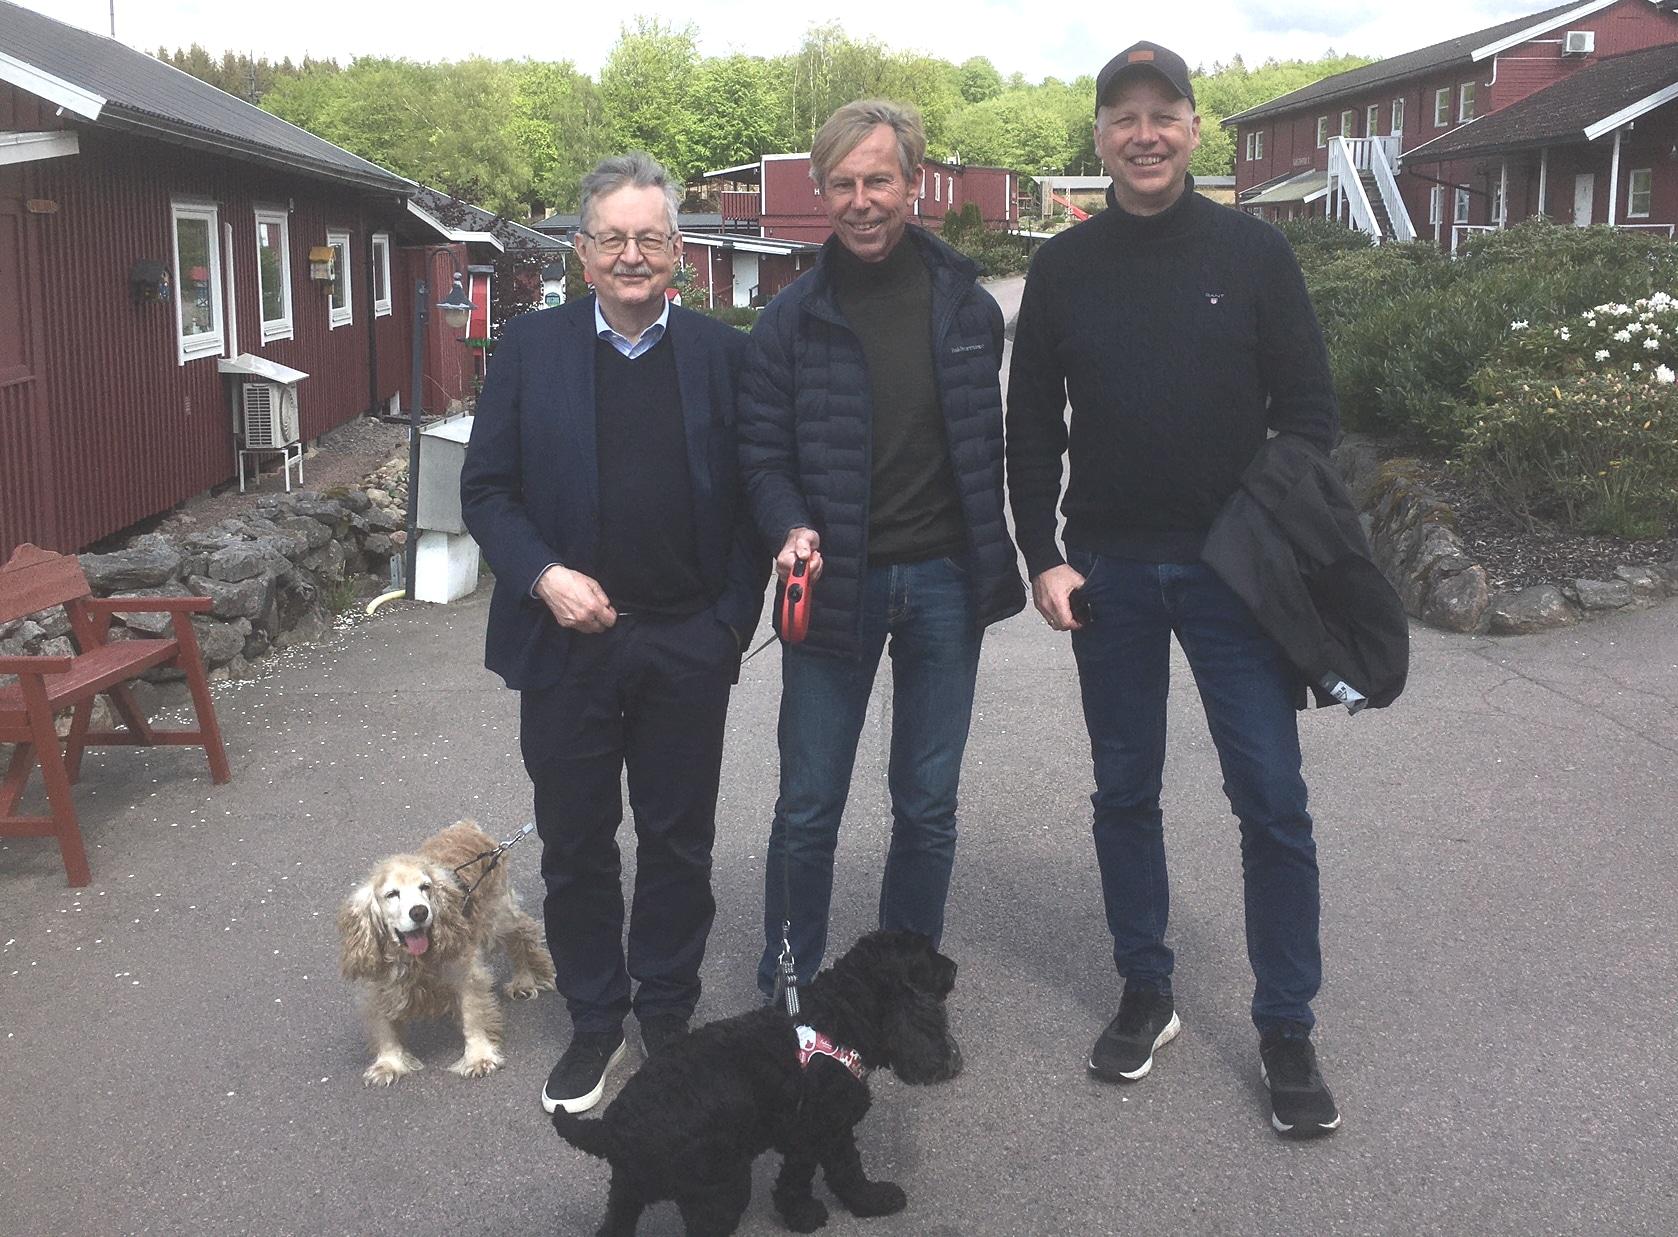 Karl-Erik Edris, Anders Kompass, Fredrik Lidman